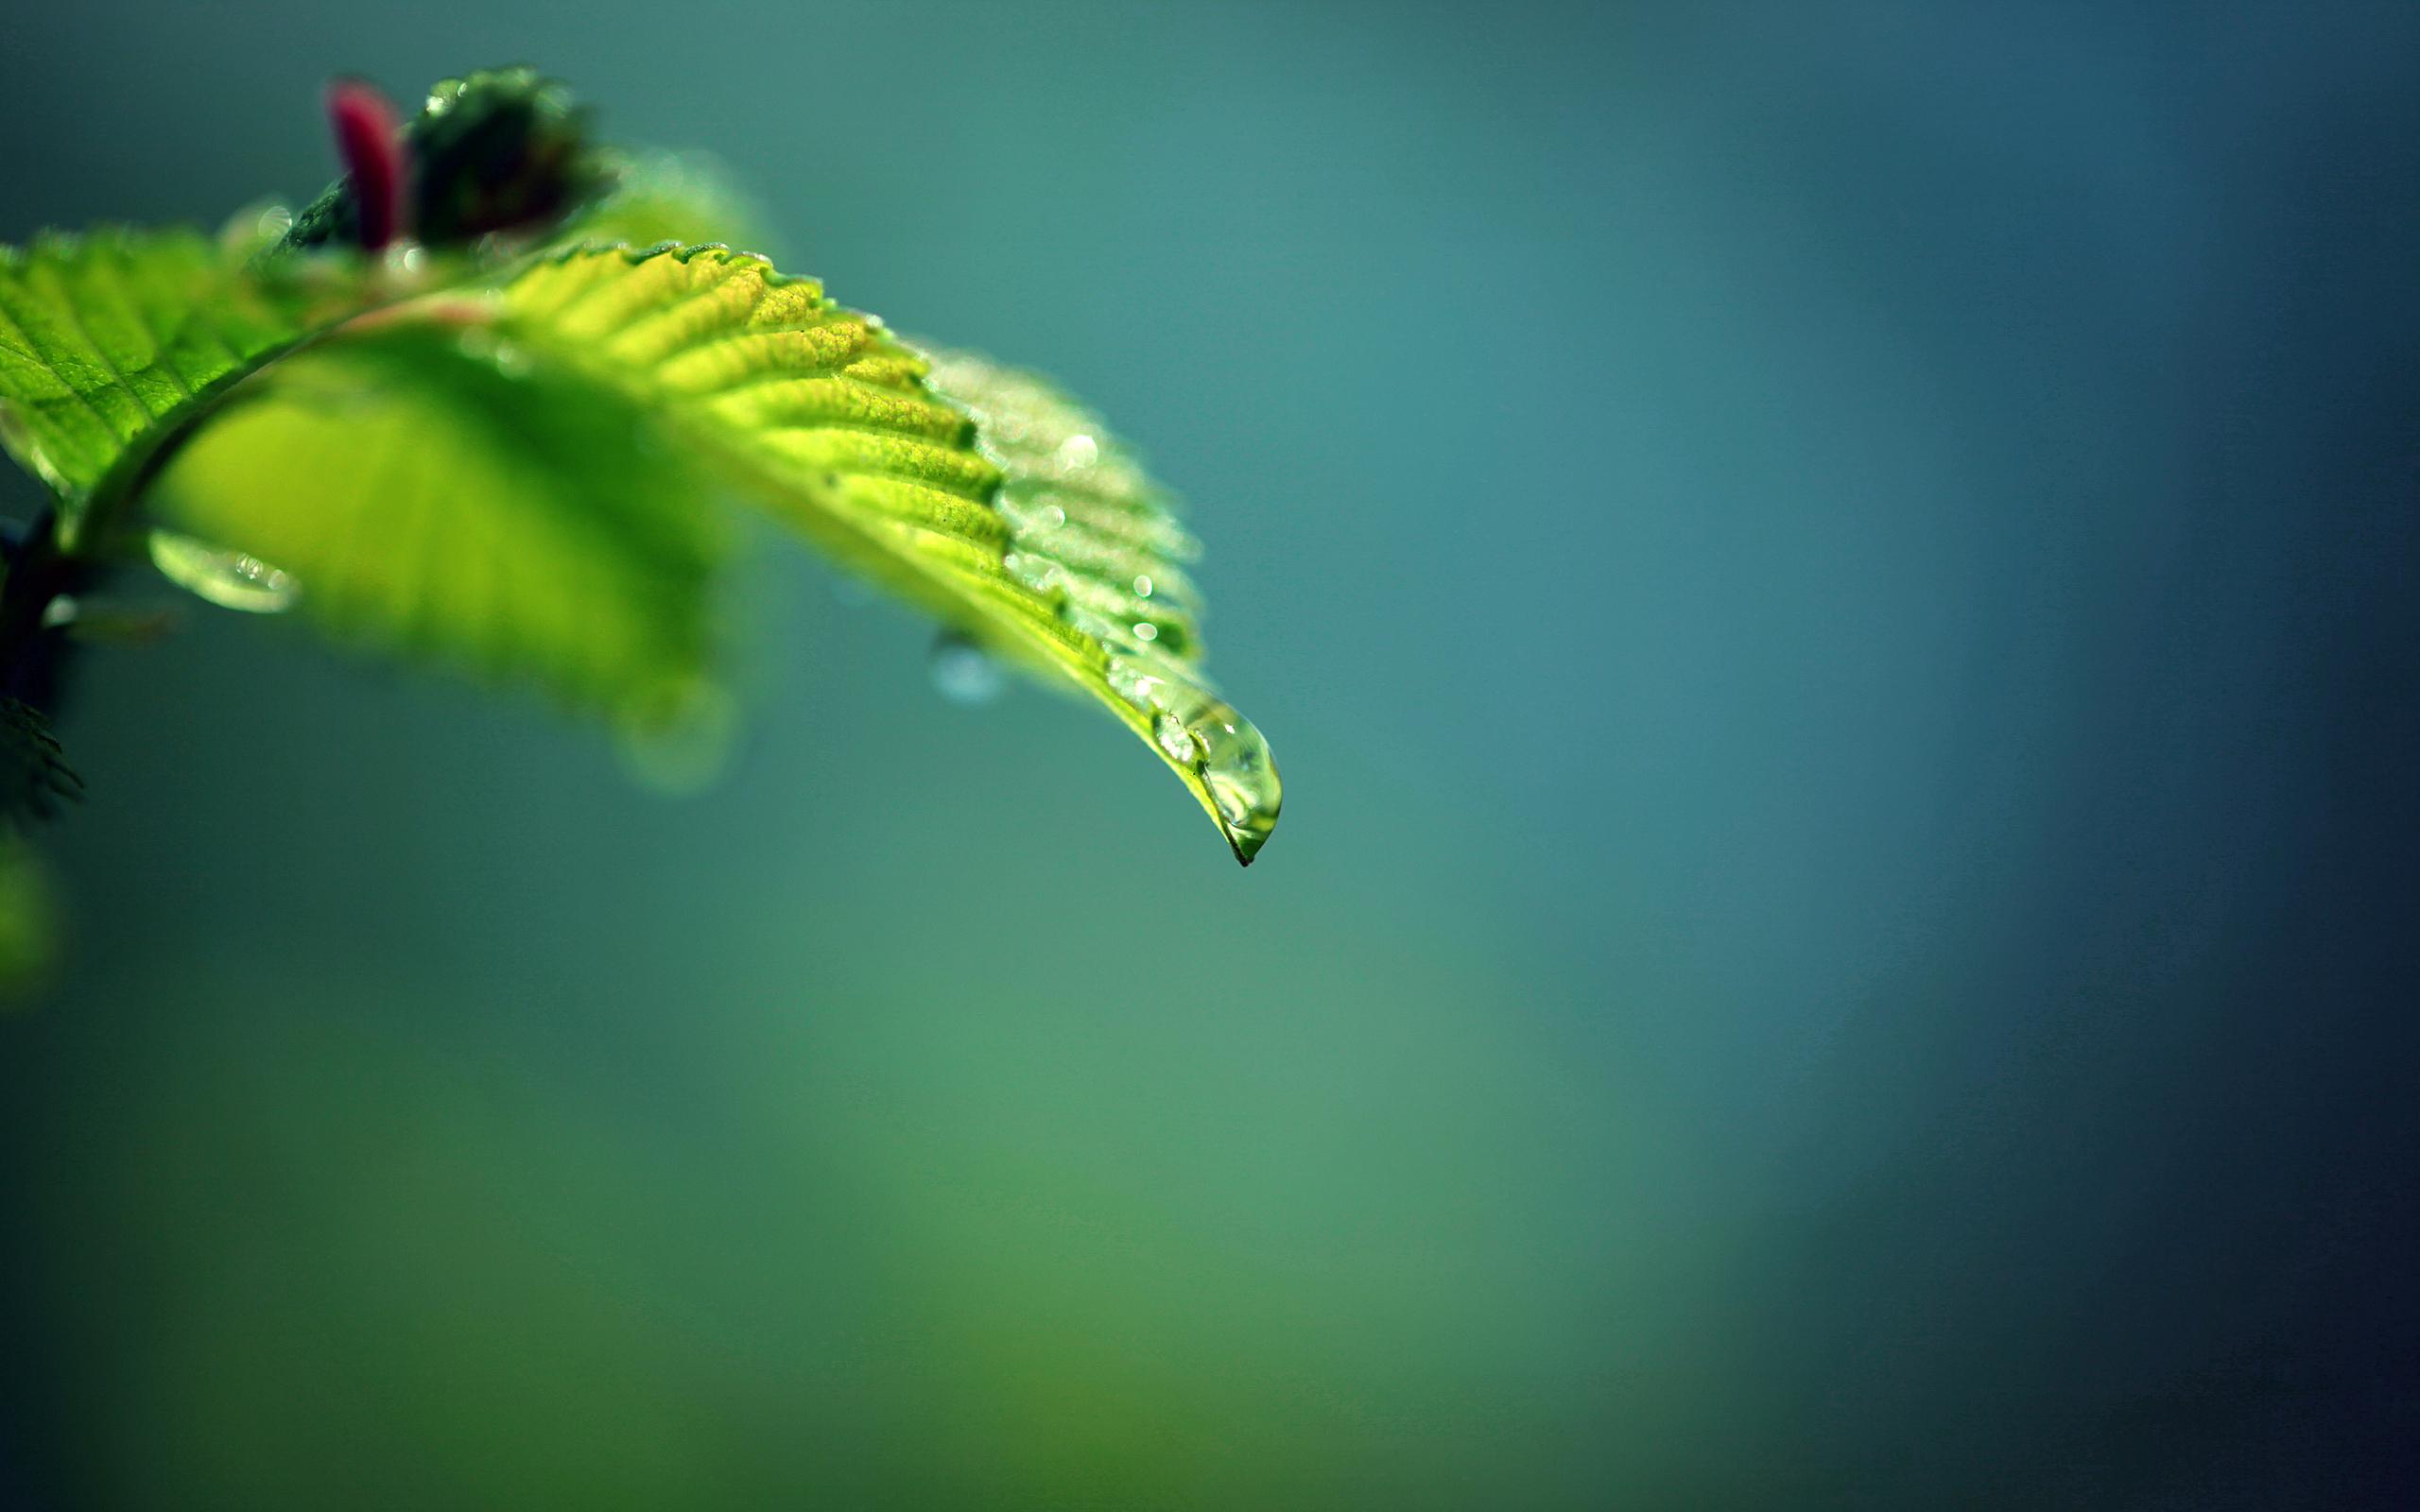 капли листки лес бесплатно